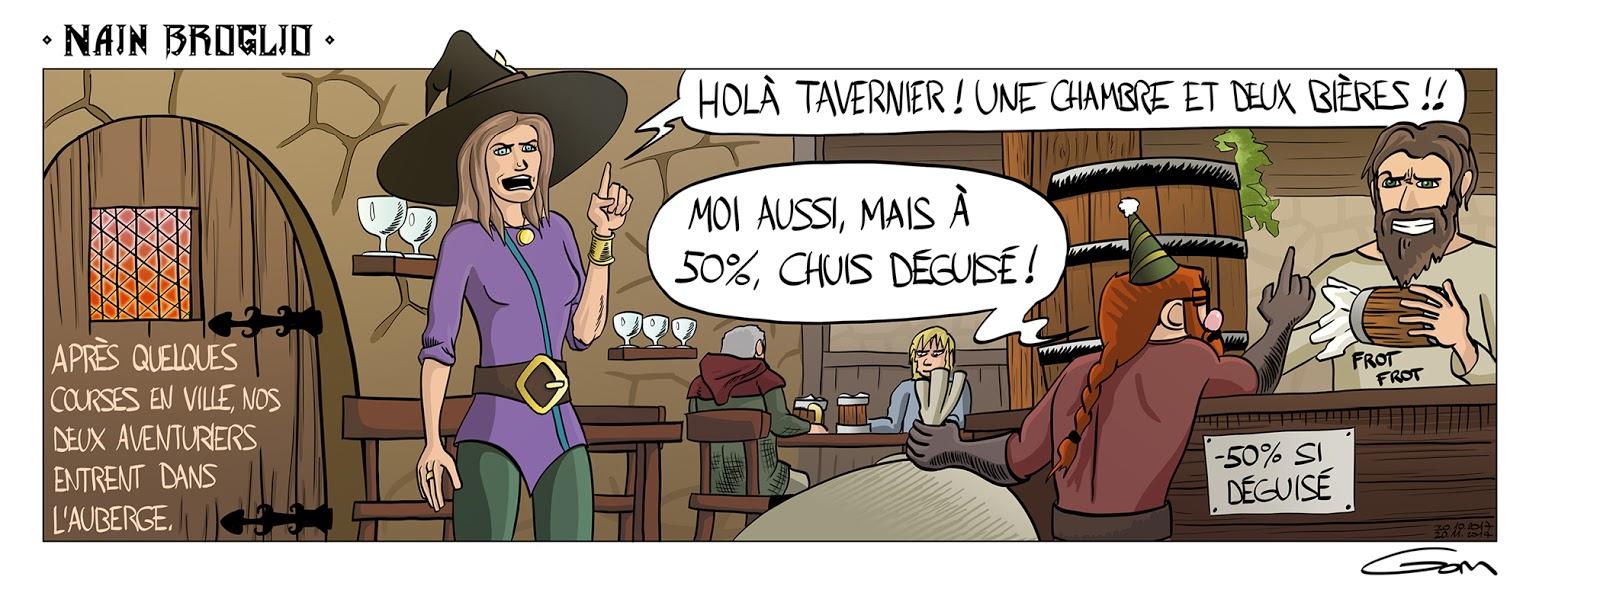 Nain Broglio auberge tavernier